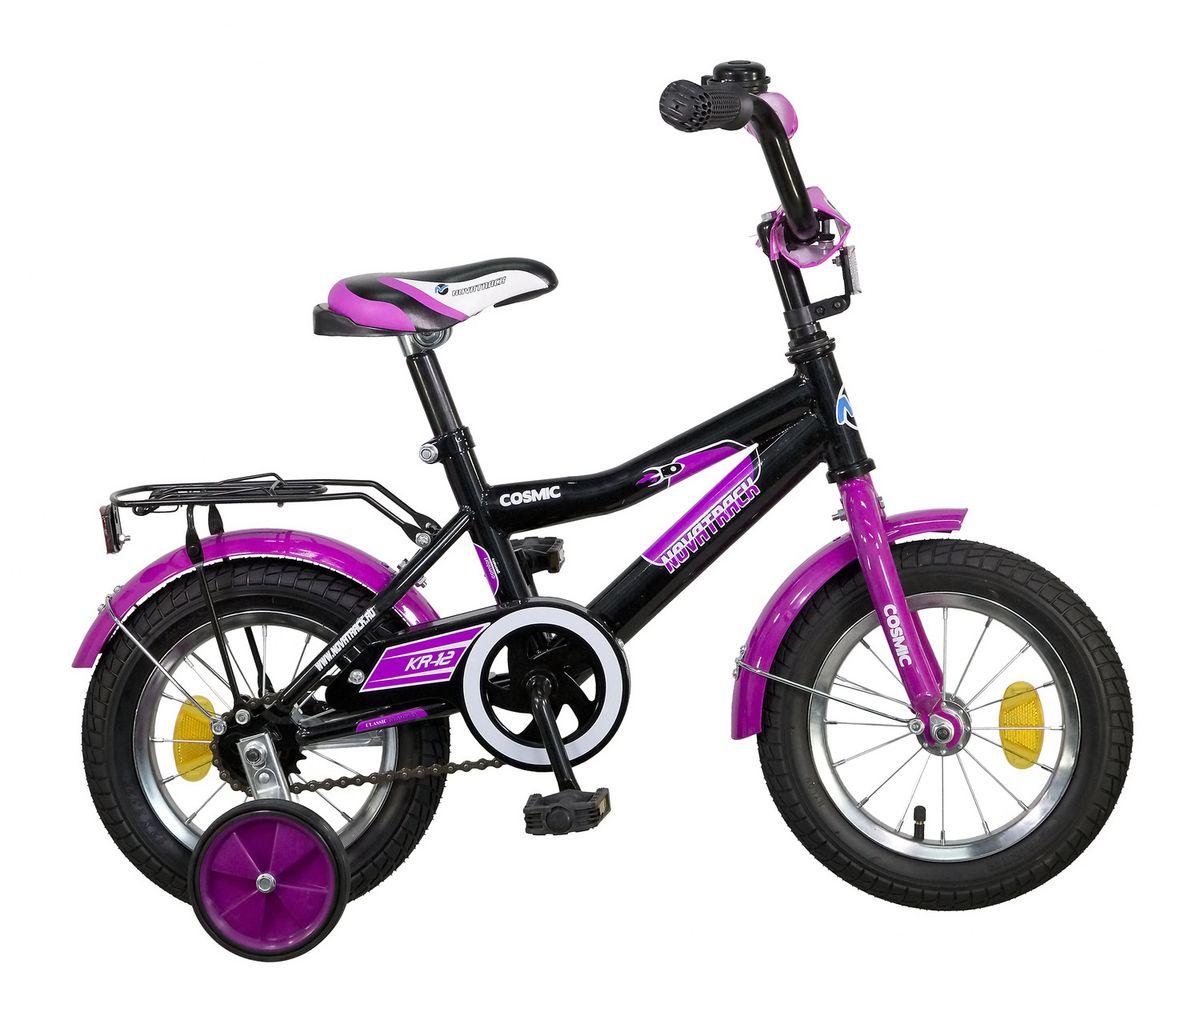 Велосипед Novatrack Cosmic 12'' – это абсолютно необходимая вещь для детей 2-4 лет. В этом возрасте у ребят очень большой уровень энергии, которую необходимо выплескивать с пользой для организма, да и кто же по доброй воле откажется от велосипеда, тем более такого, как Cosmic! Велосипед полностью укомплектован и обязательно понравится маленькому велосипедисту. Рама у велосипеда – стальная и очень прочная. Сиденье и руль регулируются по высоте и надежно фиксируются. Ножной задний тормоз не подведет ни на спуске, ни при экстренном торможении. В целях безопасности велосипед оснащен ограничителем руля, который убережет велосипед от опрокидывания при резком повороте. Дополнительную устойчивость железному «коню» обеспечивают два маленьких съемных колеса в цвет велосипеда. Не останутся незамеченными накладка на руль, яркие отражатели-катафоты, стильный звонок, защитный кожух для цепи, хромированный багажник, а также крылья, которые защитят от грязи и брызг.